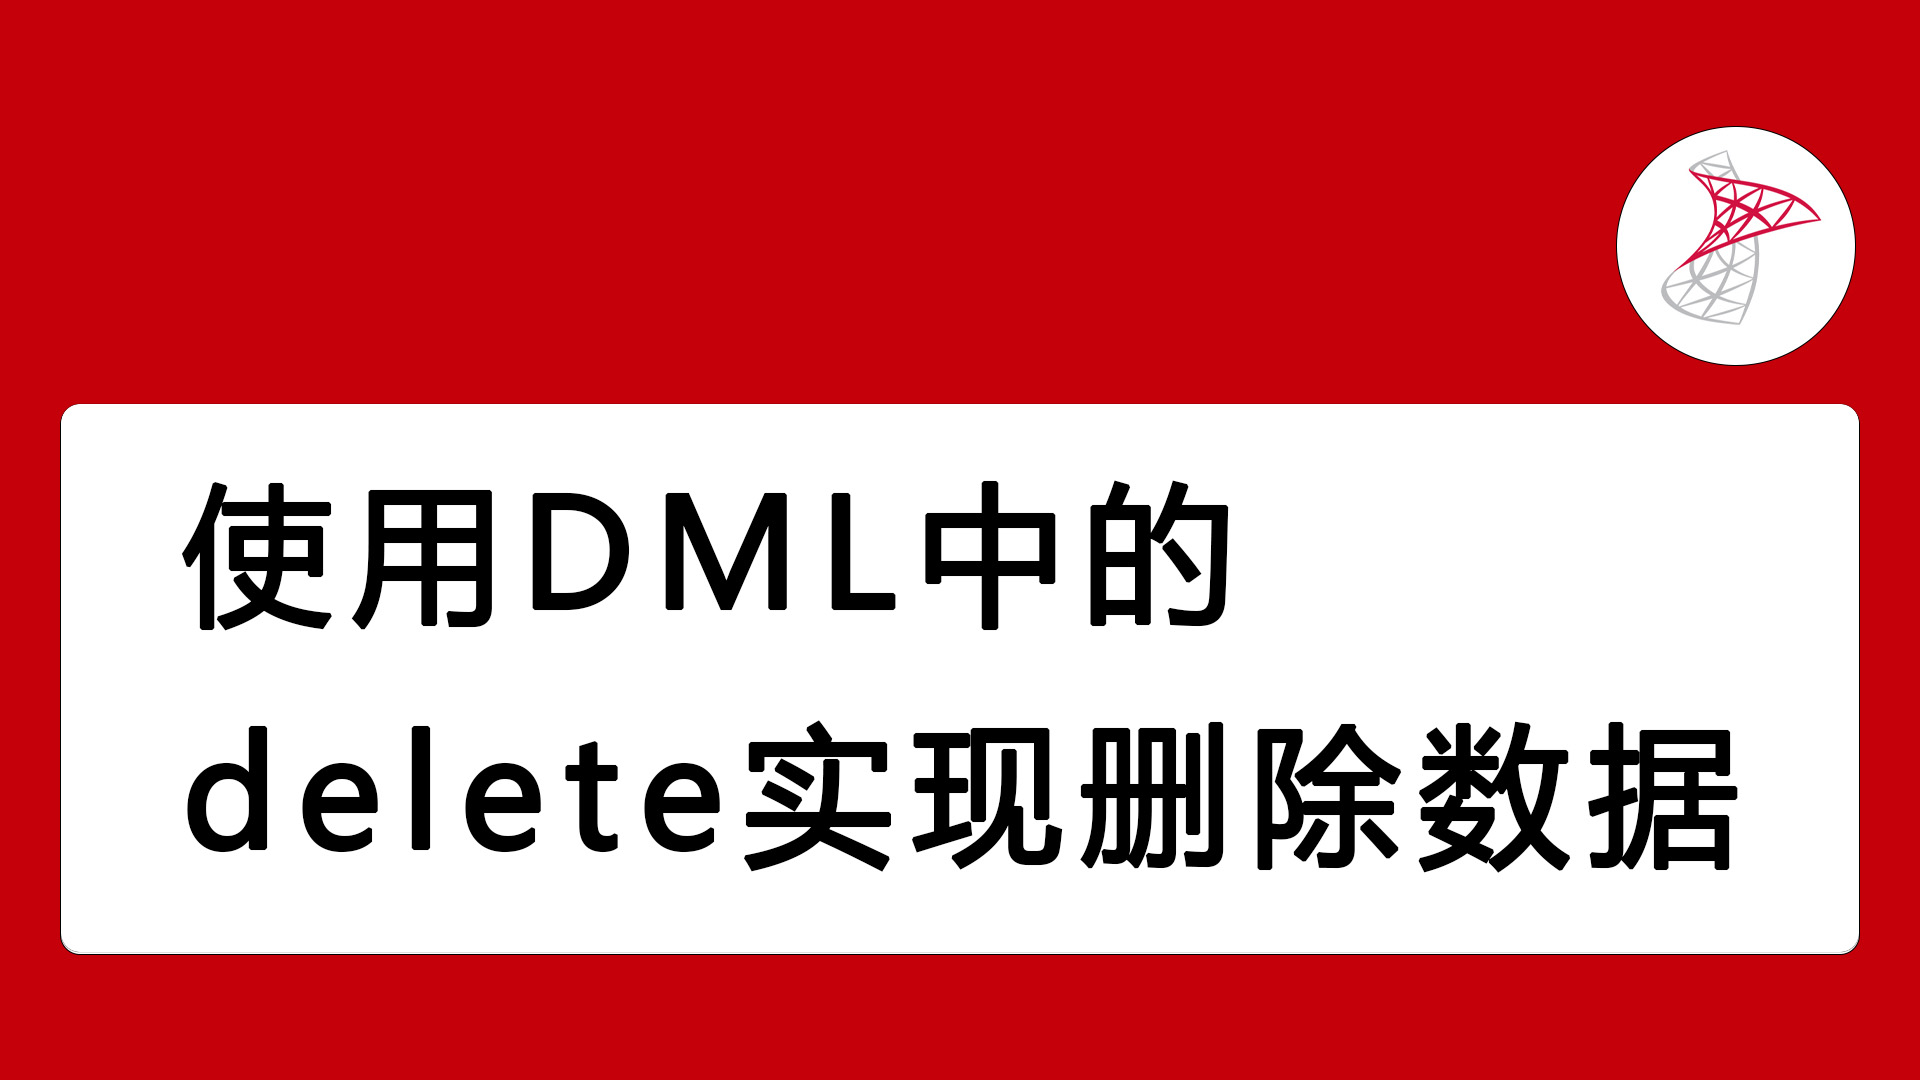 使用DML中的delete实现删除数据_C#/.Net零基础到精通向阳学院